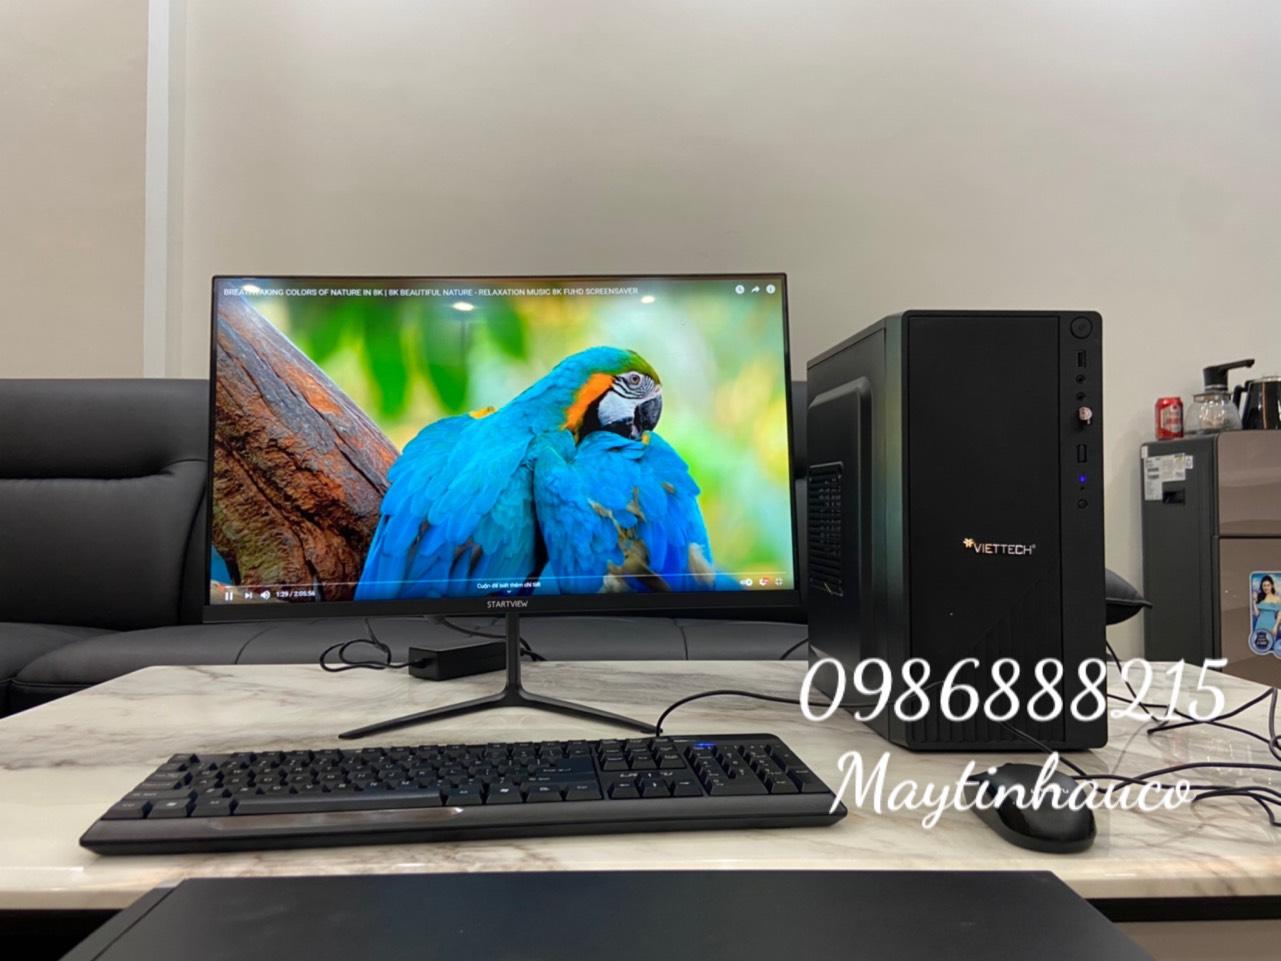 Bộ Máy Tính Để Bàn Modell Viteck  ( Core i5 - 3570/ Ram 8gb / SSD 240GB ) Và Màn Hình Full Viền 24 inch - Tặng Ngay Bàn Phím Chuột Không Dây - Hàng Chính Hãng